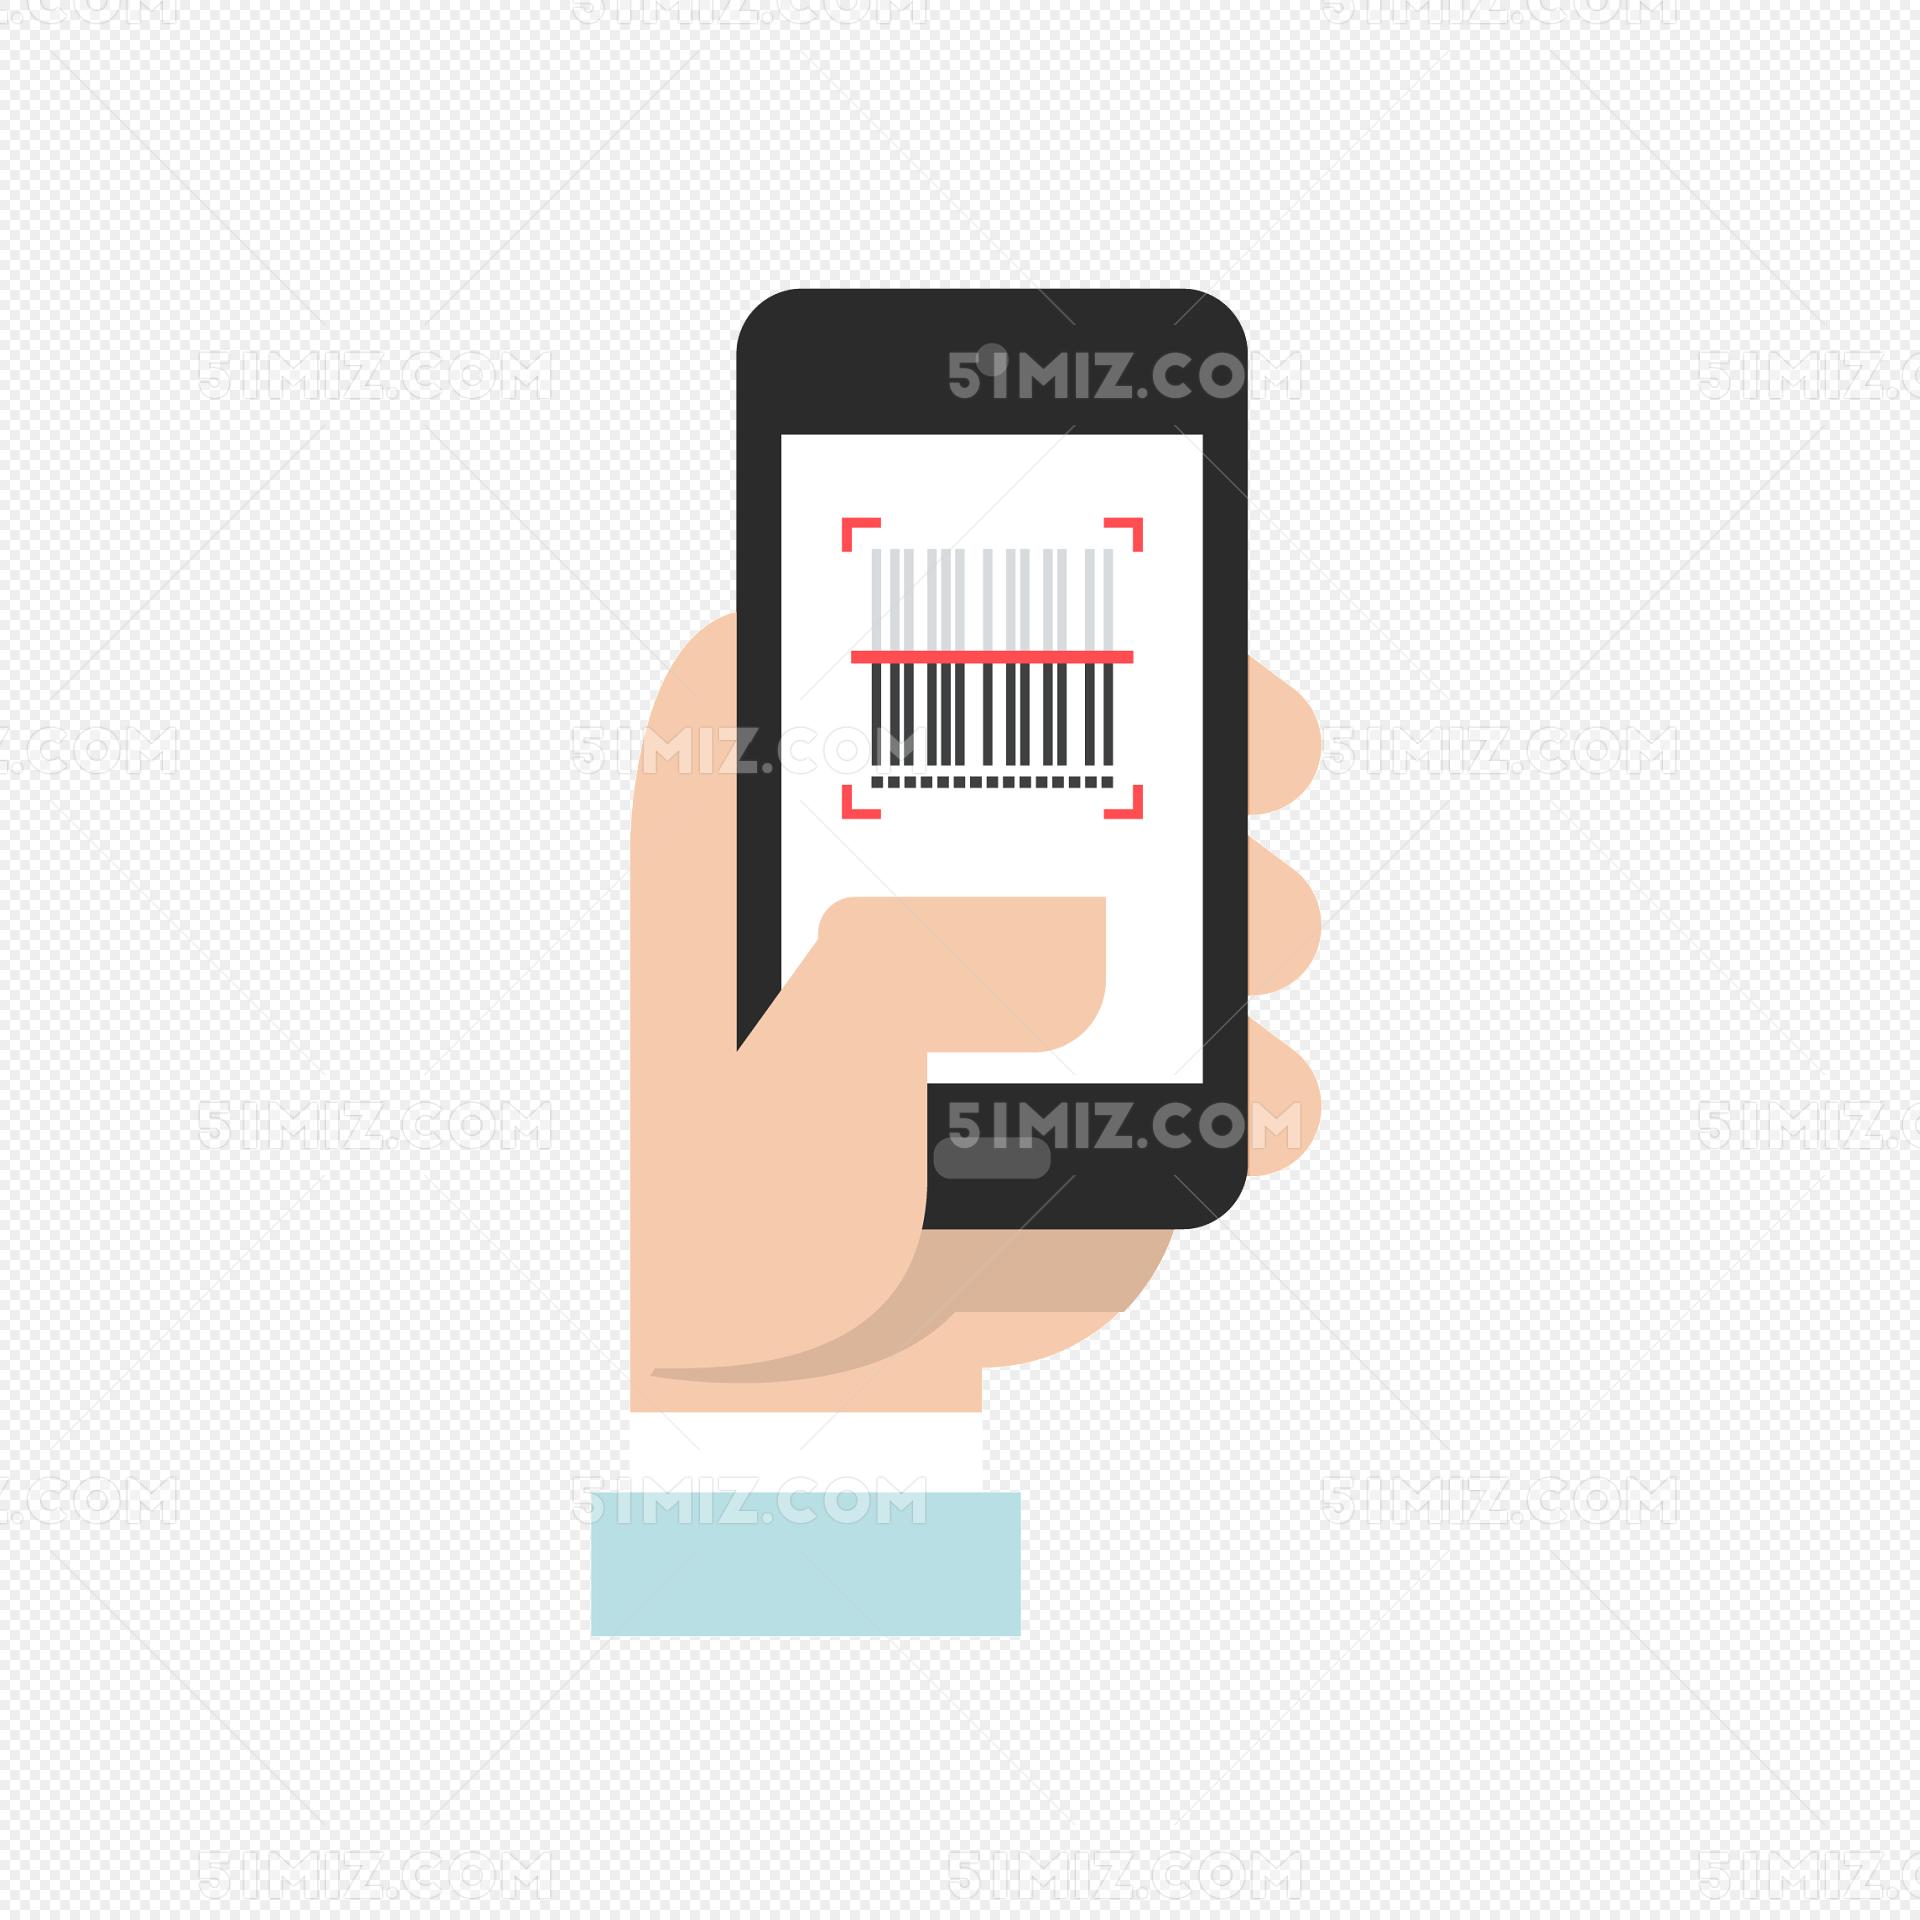 手机矢量扫一扫二维码条形码免抠免费下载_png素材_觅